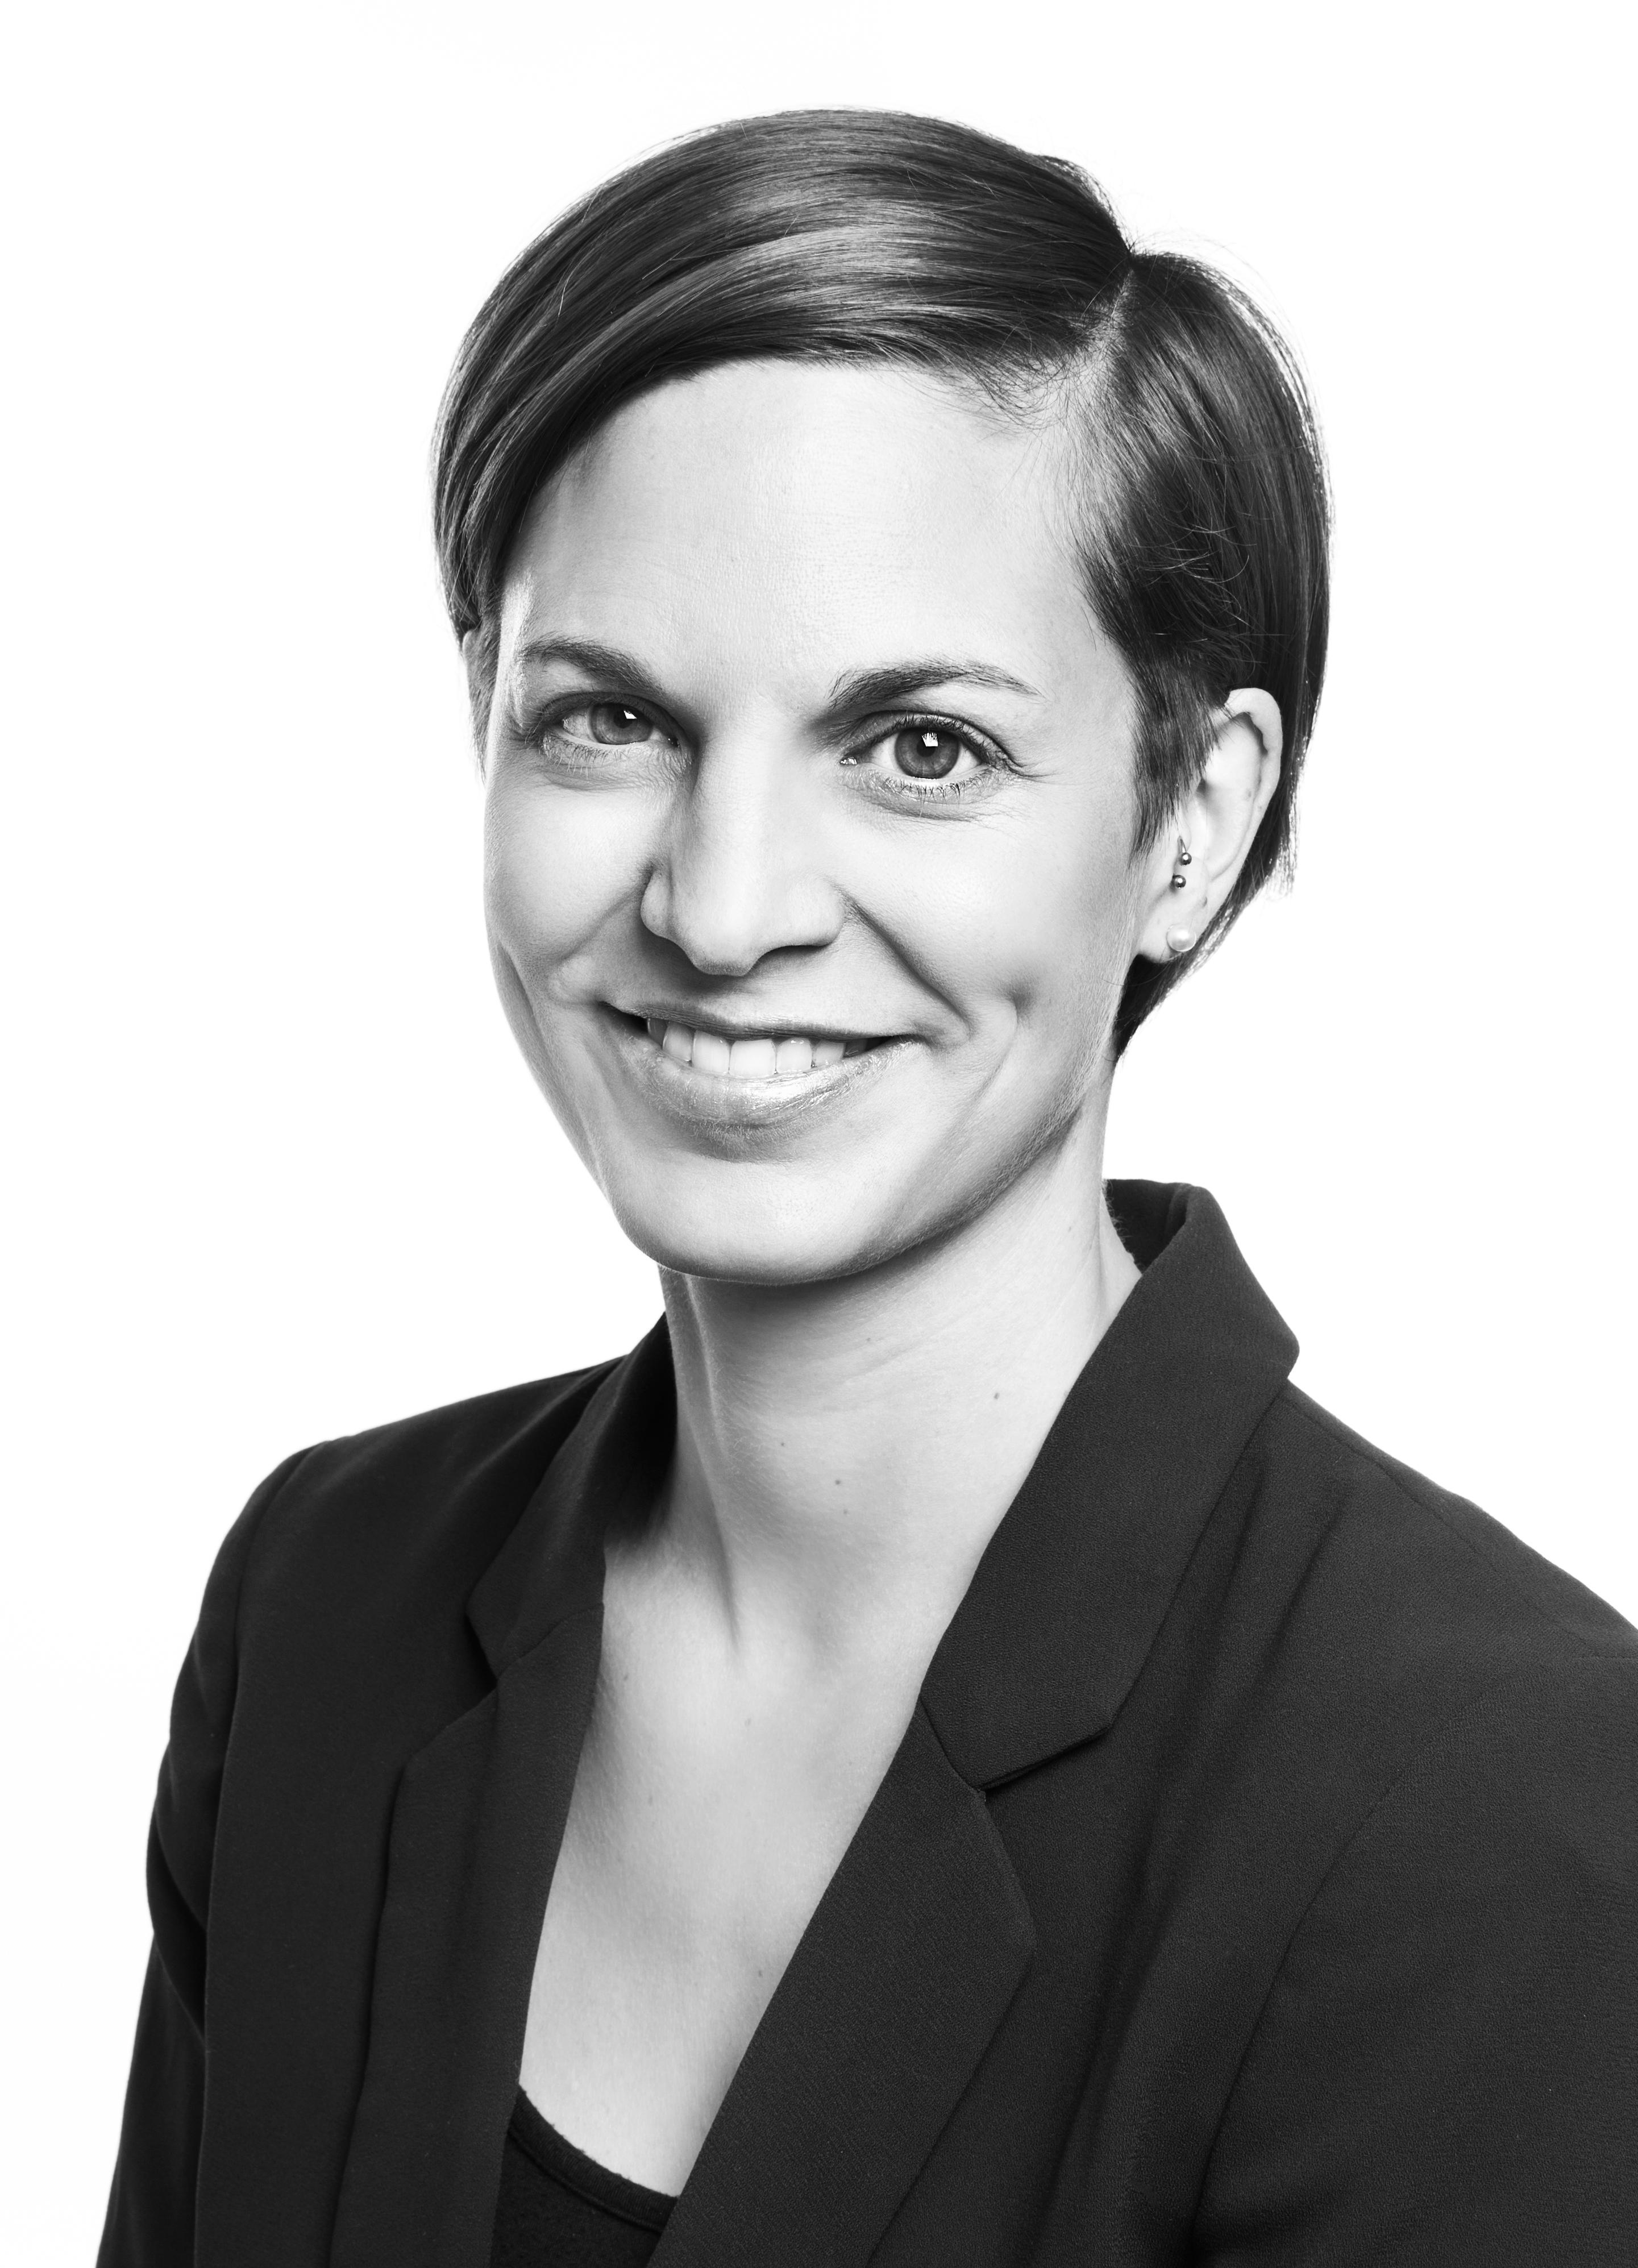 Danielle Sonderegger